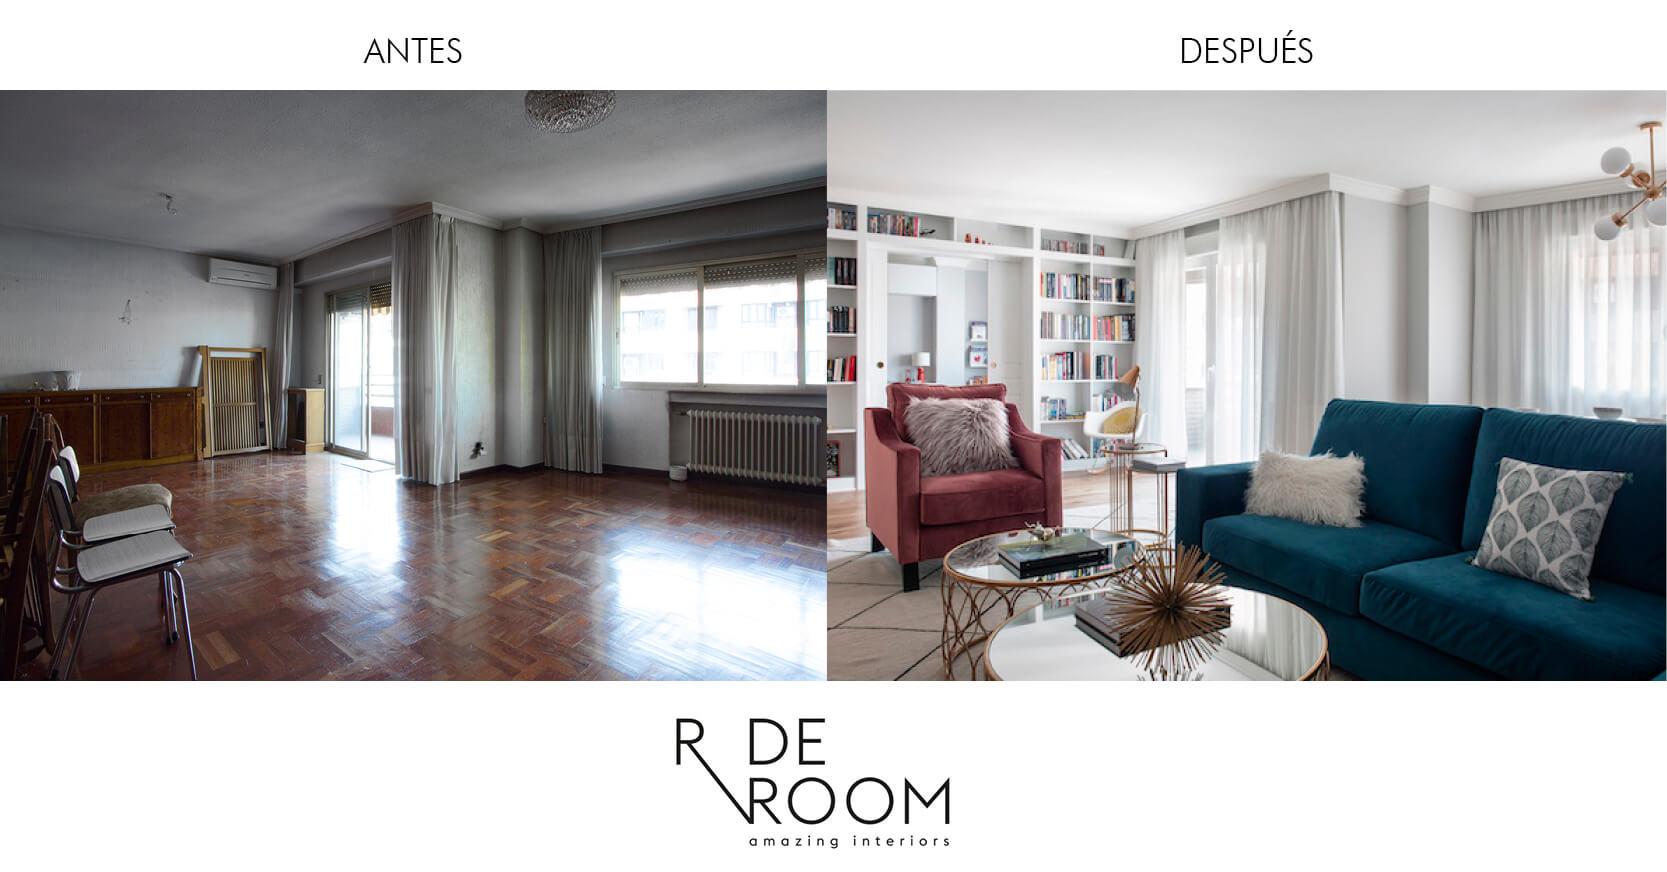 Antes y después vivienda Santa Engracia. Proyecto de R de Room.